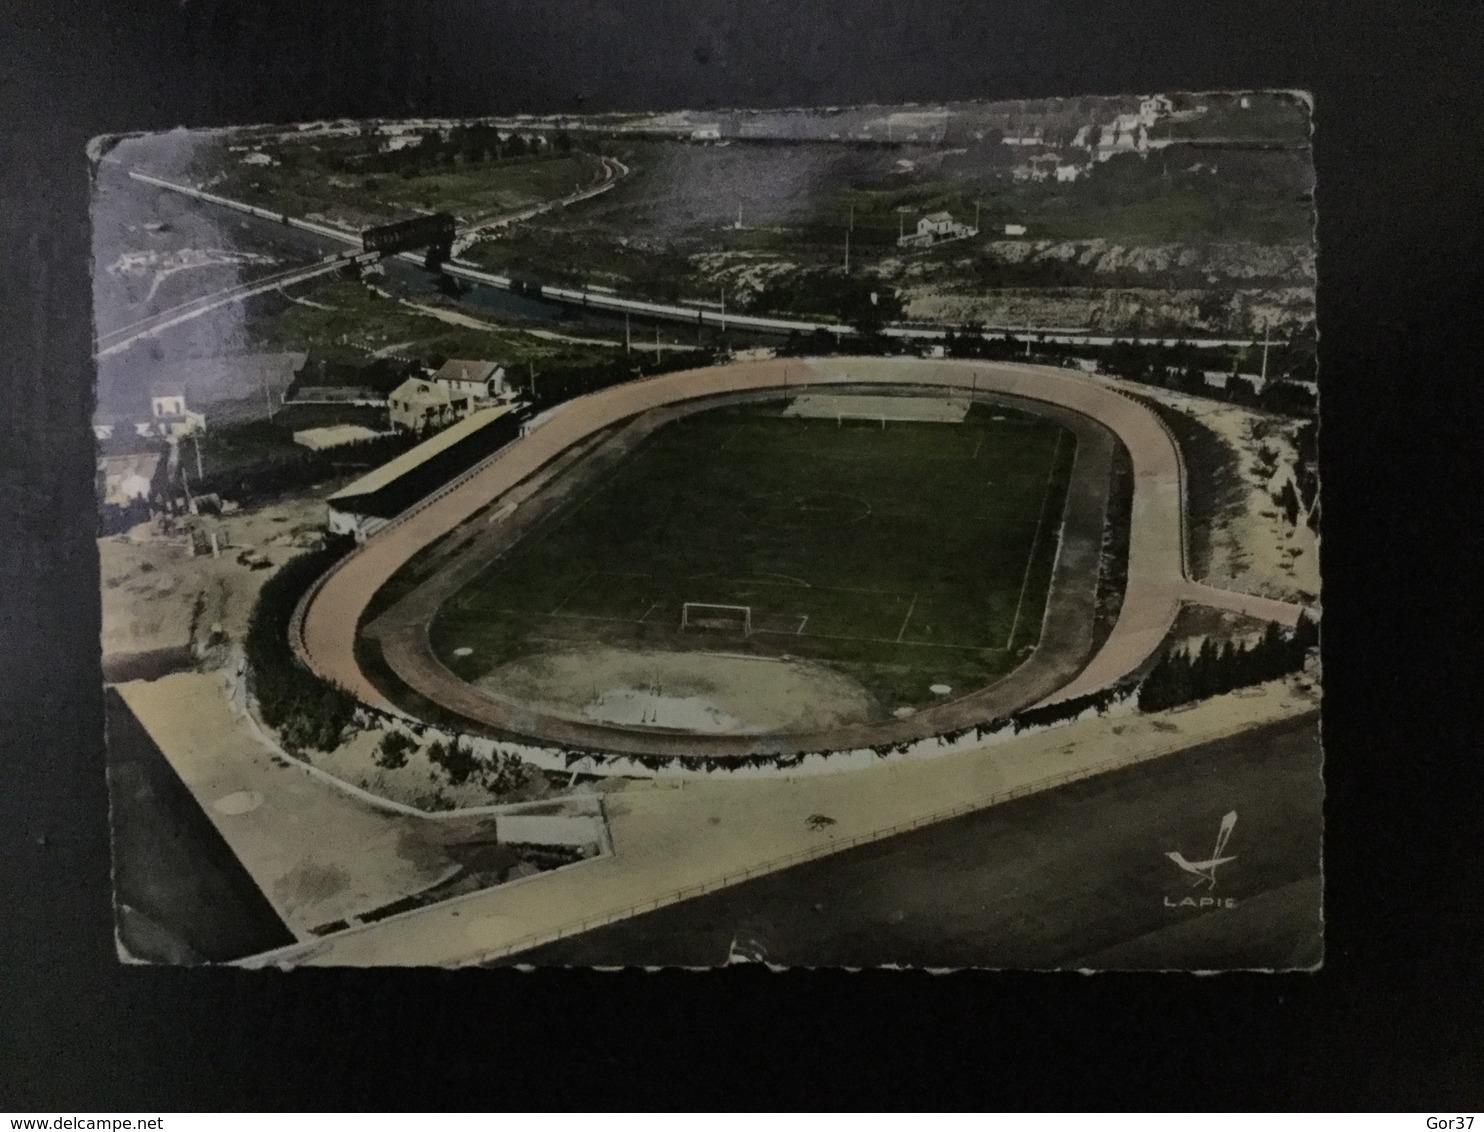 Stadio, Stade, Stadion, Estadio, Campo Sportivo PORT DE BOUC - Fútbol